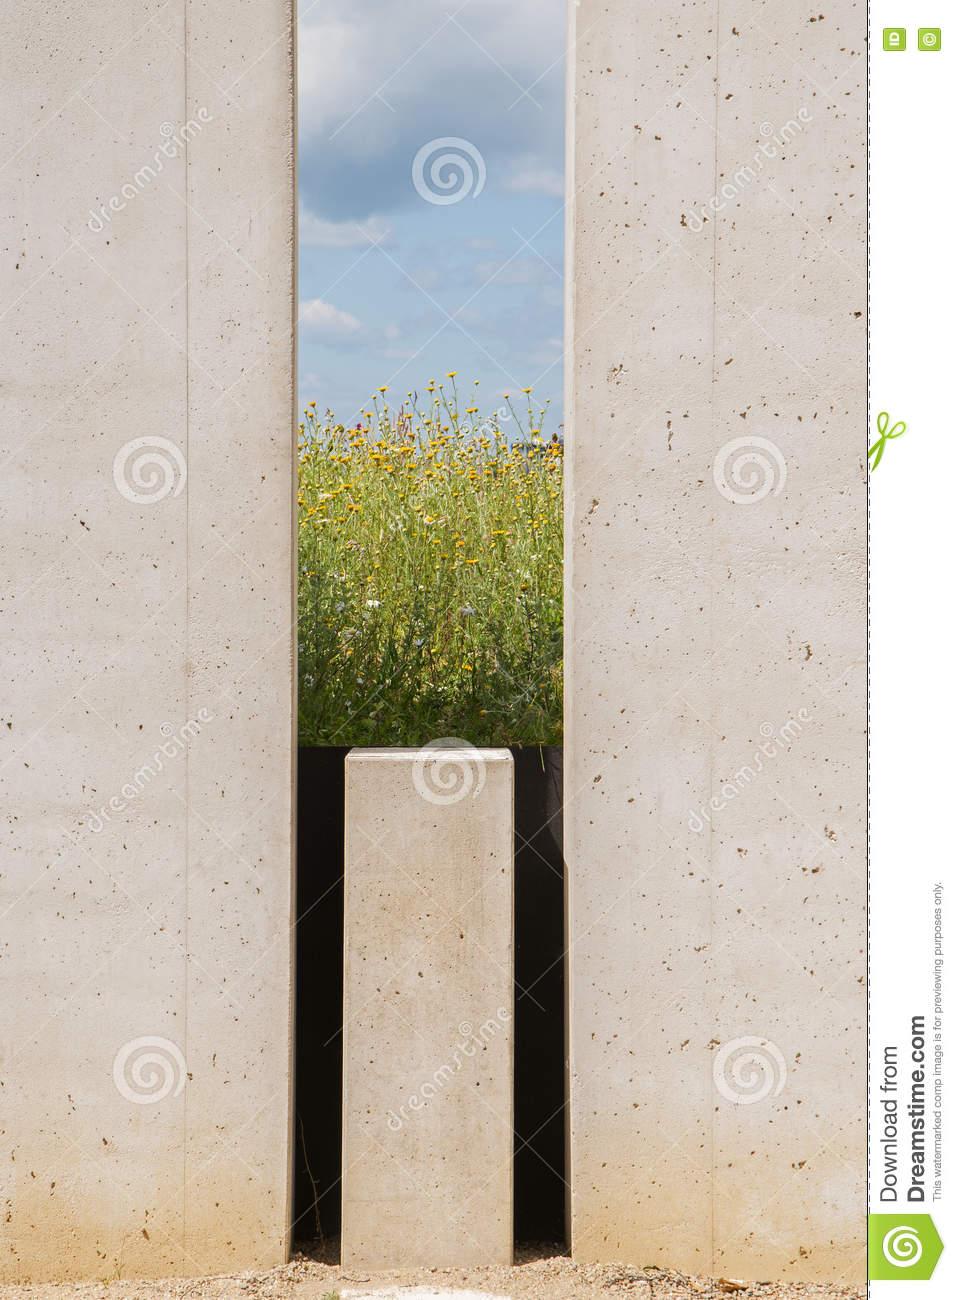 Full Size of Gartenskulpturen Beton Wohnzimmer Betonoptik Bad Fürs Küche Bett Landhausküche Duschen Esstisch Betonplatte Sofa 180x200 Esstische Wohnzimmer Moderne Gartenskulpturen Beton